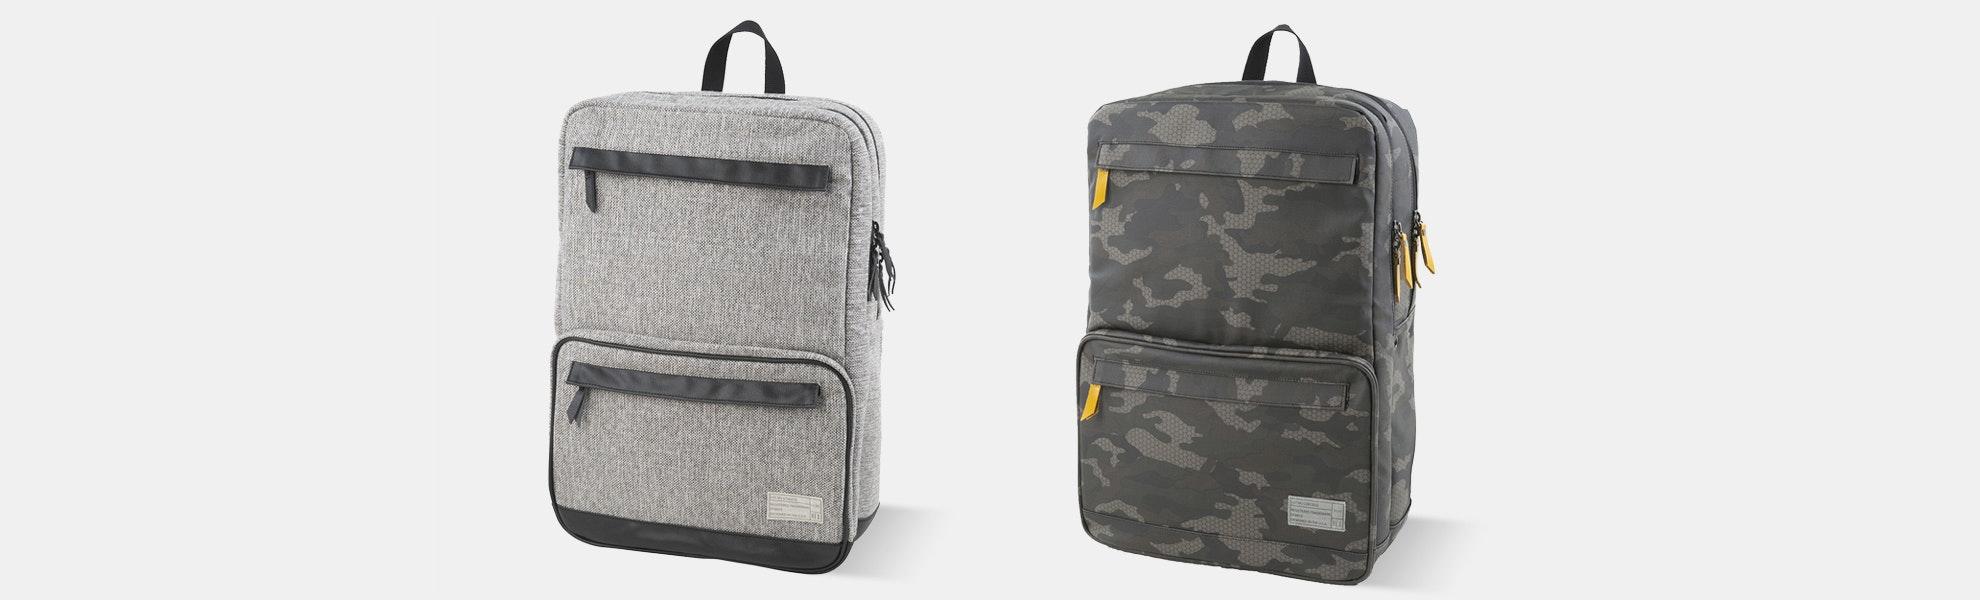 HEX Sneaker Backpacks & Duffels